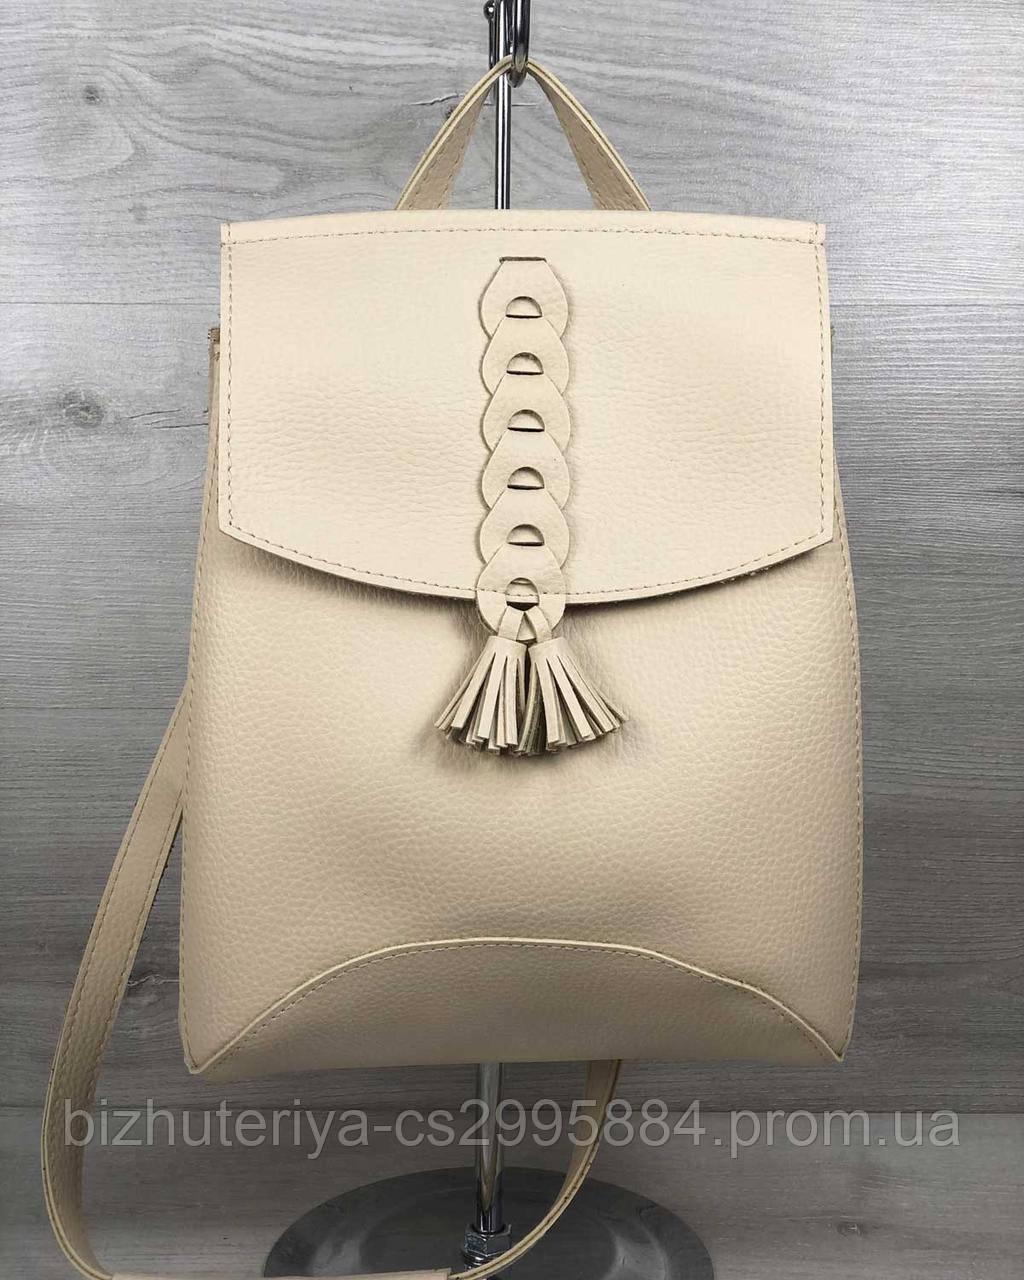 78e9dd52083e Молодежный сумка-рюкзак с косичкой бежевого цвета - LBL Лучше Быть Лучшими!  в Одессе